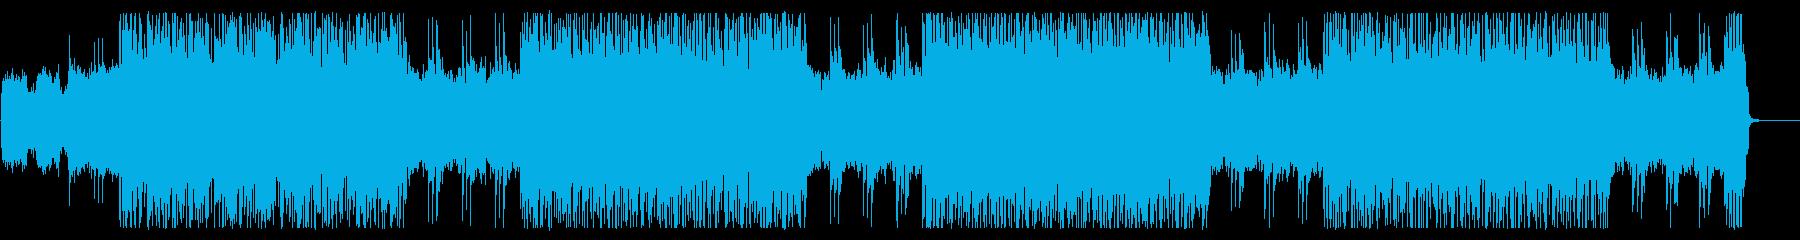 バトルシーン向けで重厚感のあるメタルの再生済みの波形